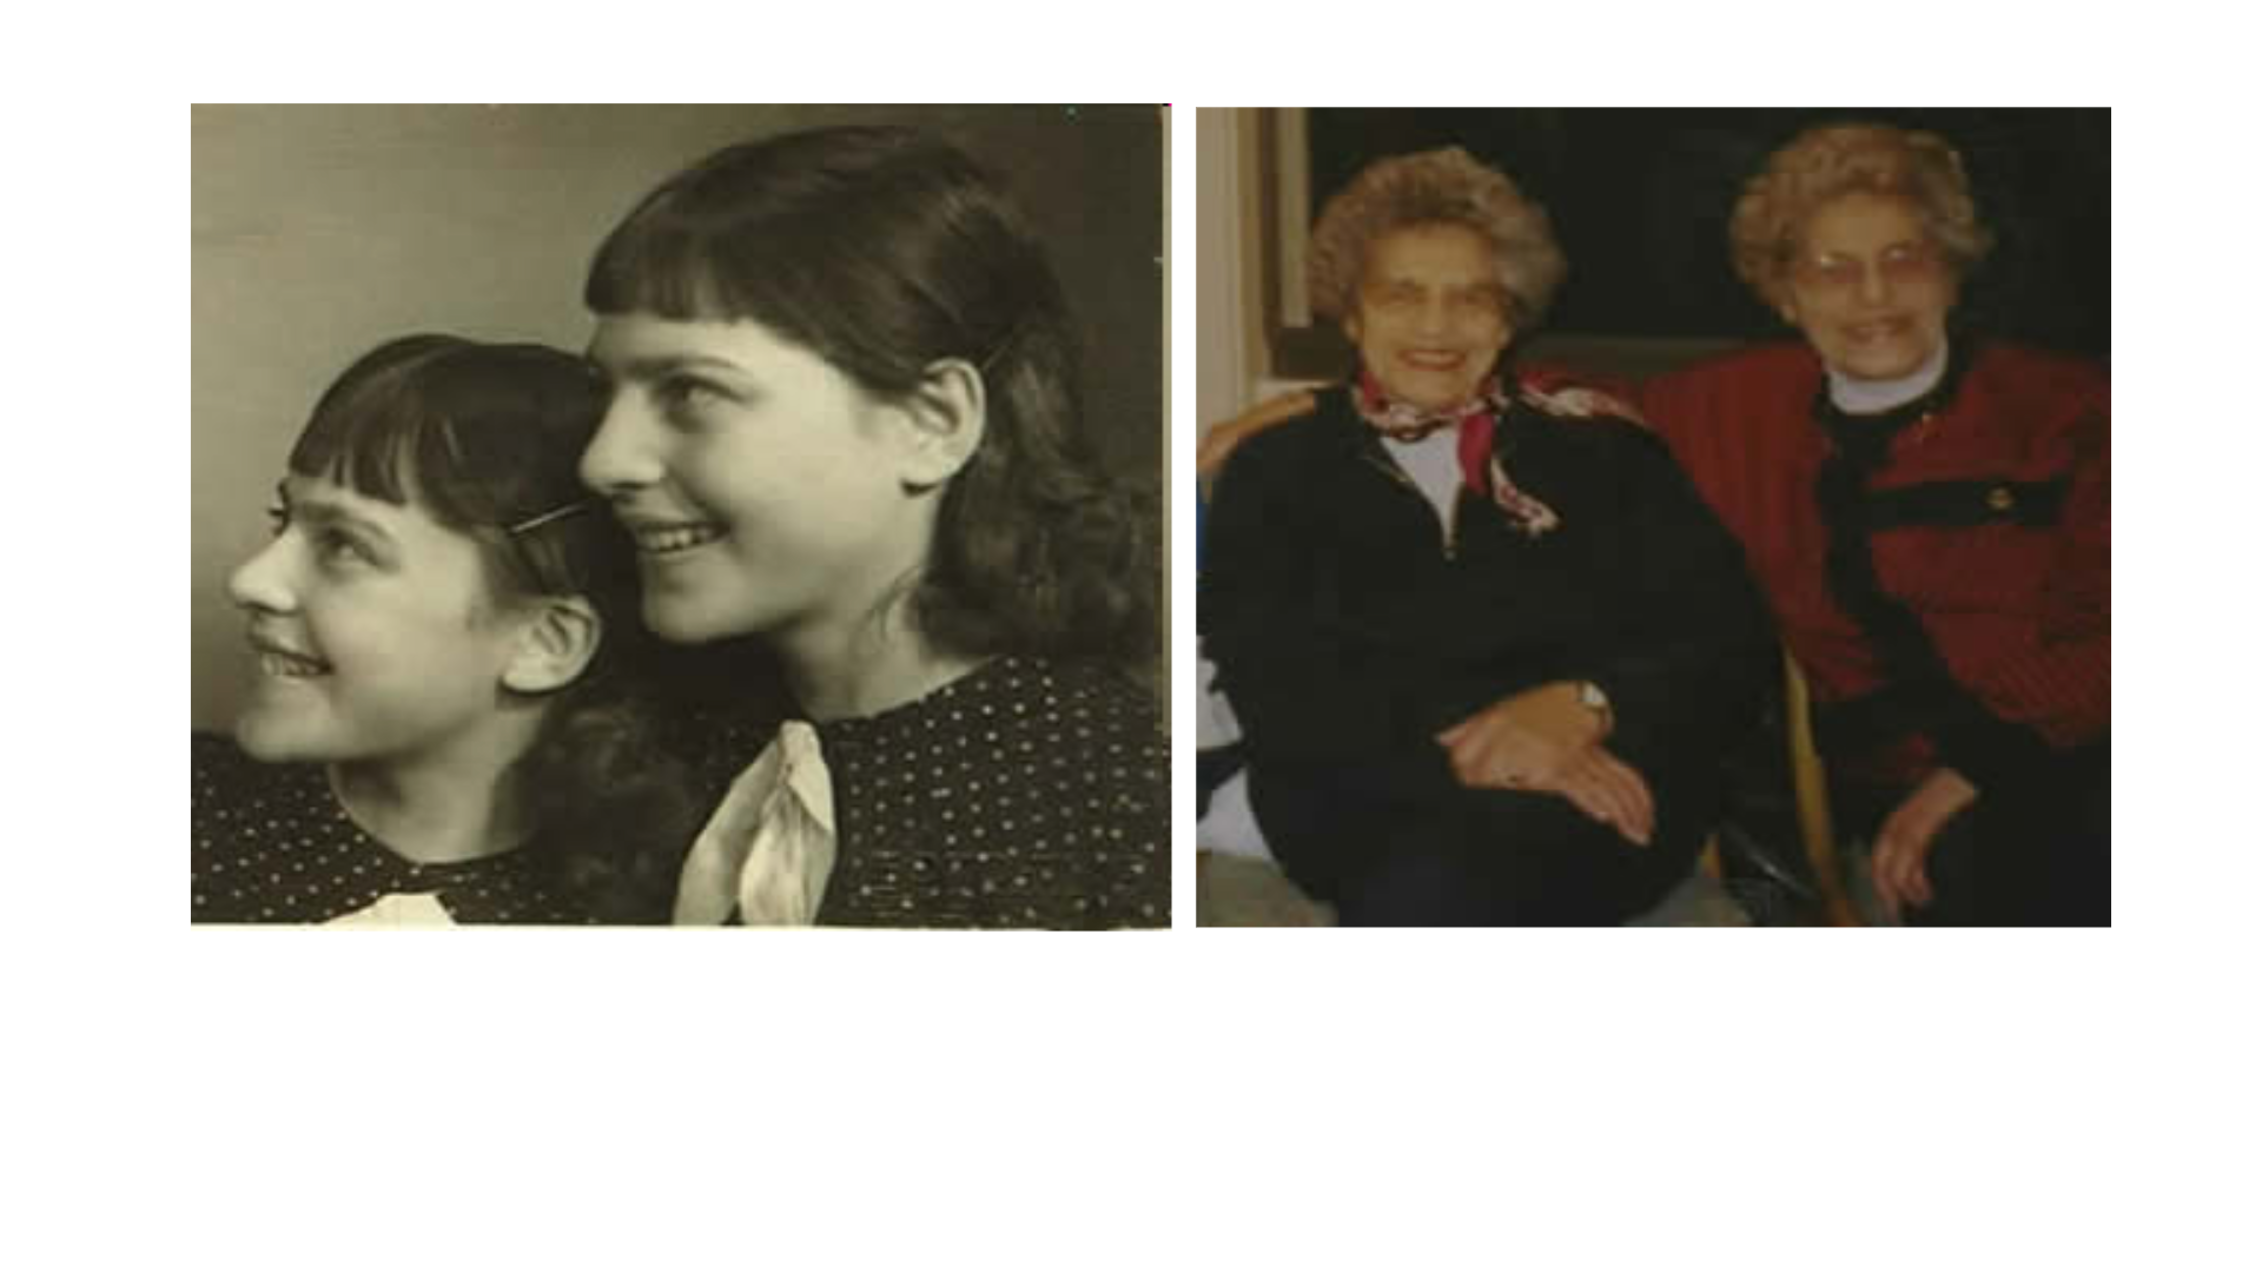 Las hermanas checas A. (Auschwitz no. 72890) y S. (no. 72919), internadas a los 19 años. Sobrevivieron a los experimentos de Mengele.